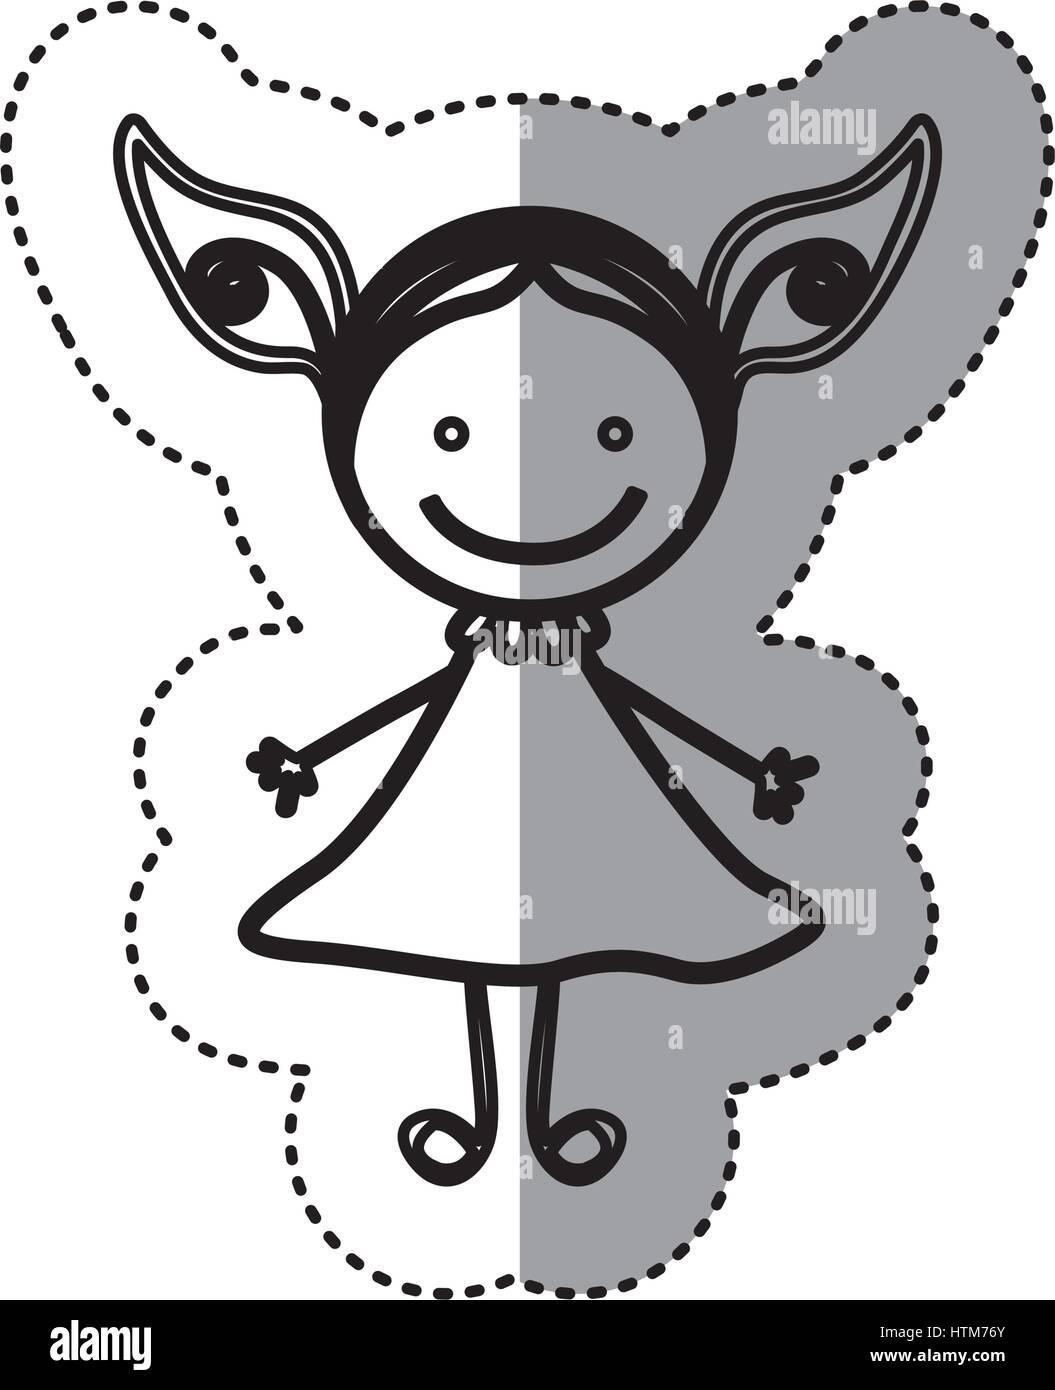 Pegatina silueta boceto caricatura chica con vestido Ilustración del Vector